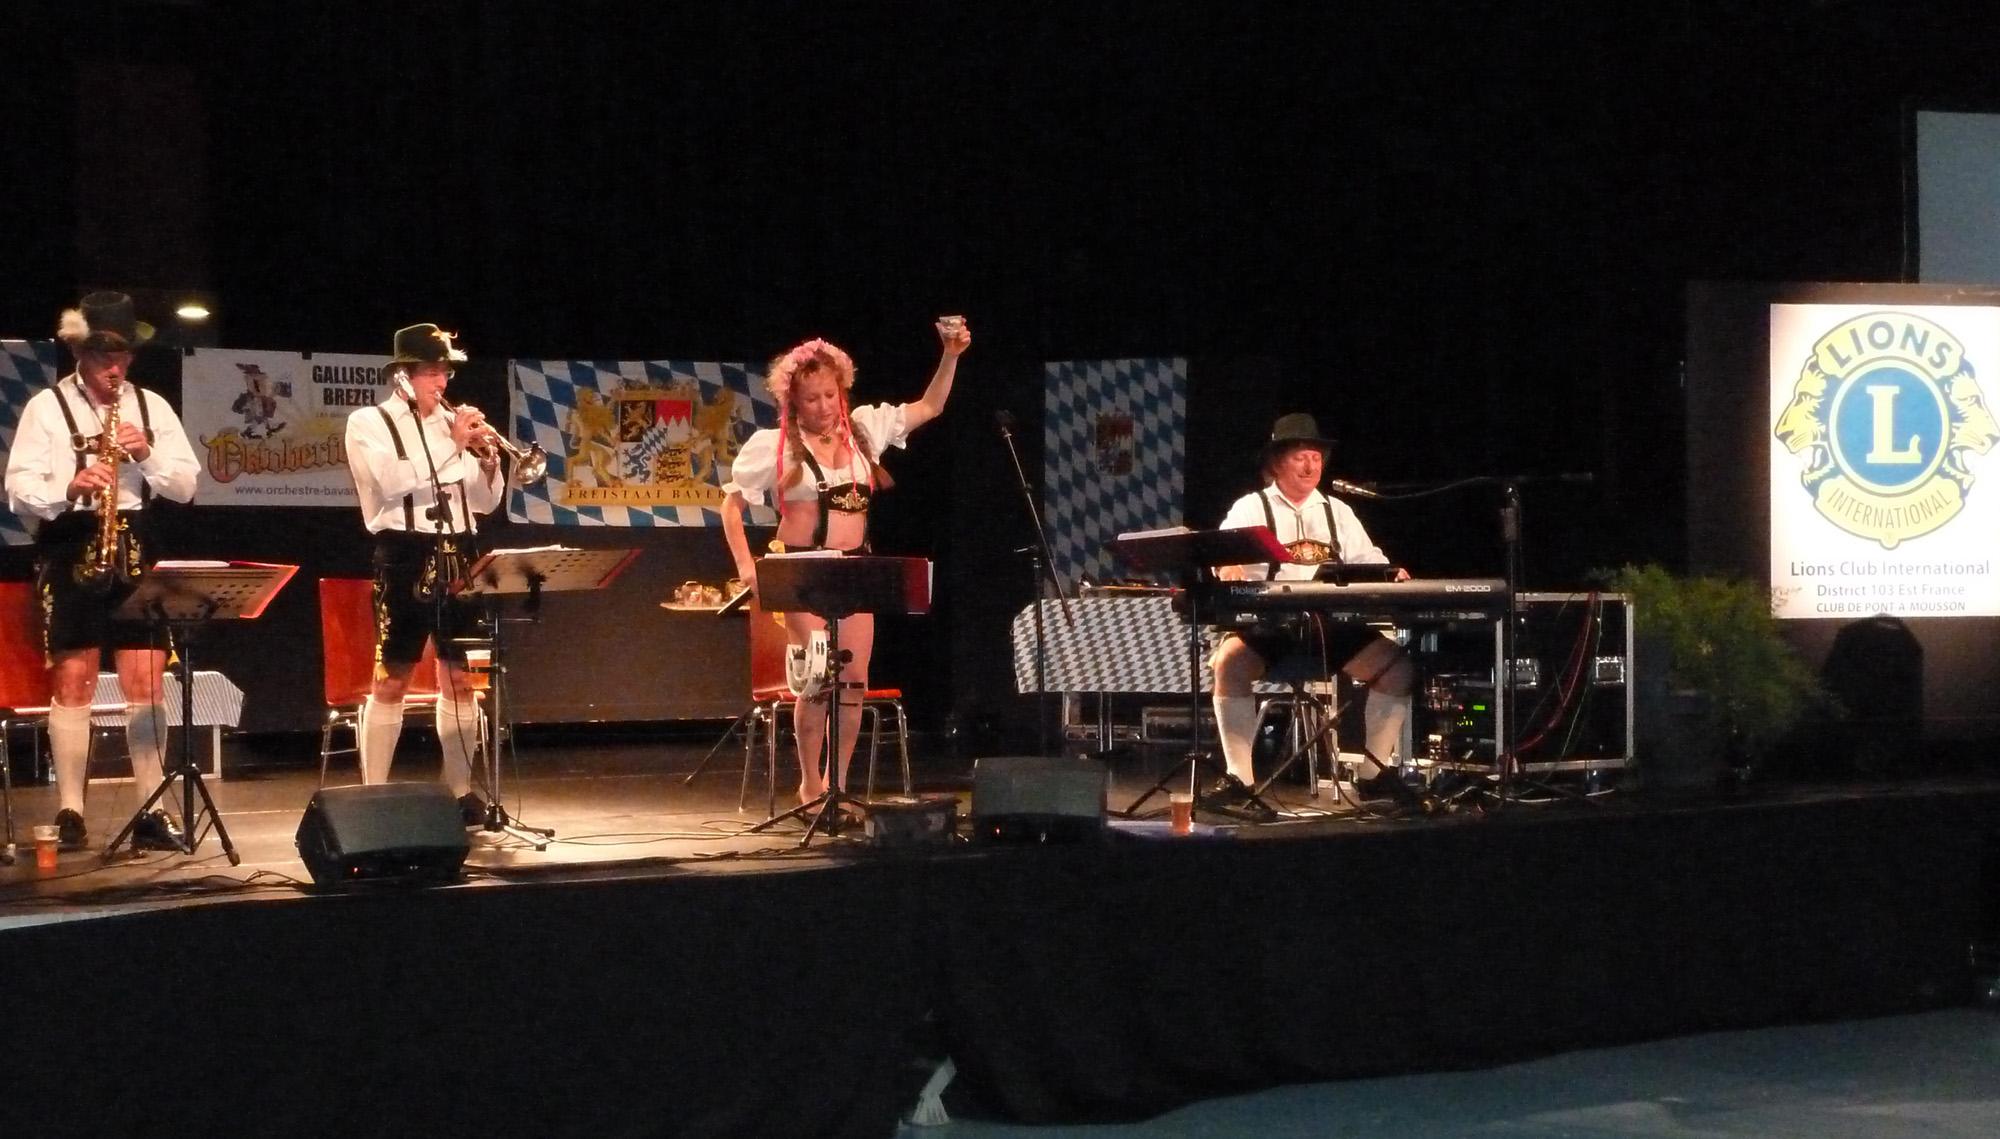 1 Prosit Samedi 1er octobre 2011 avec orchestre bavarois au Lion's Club de Pont à Mousson 54